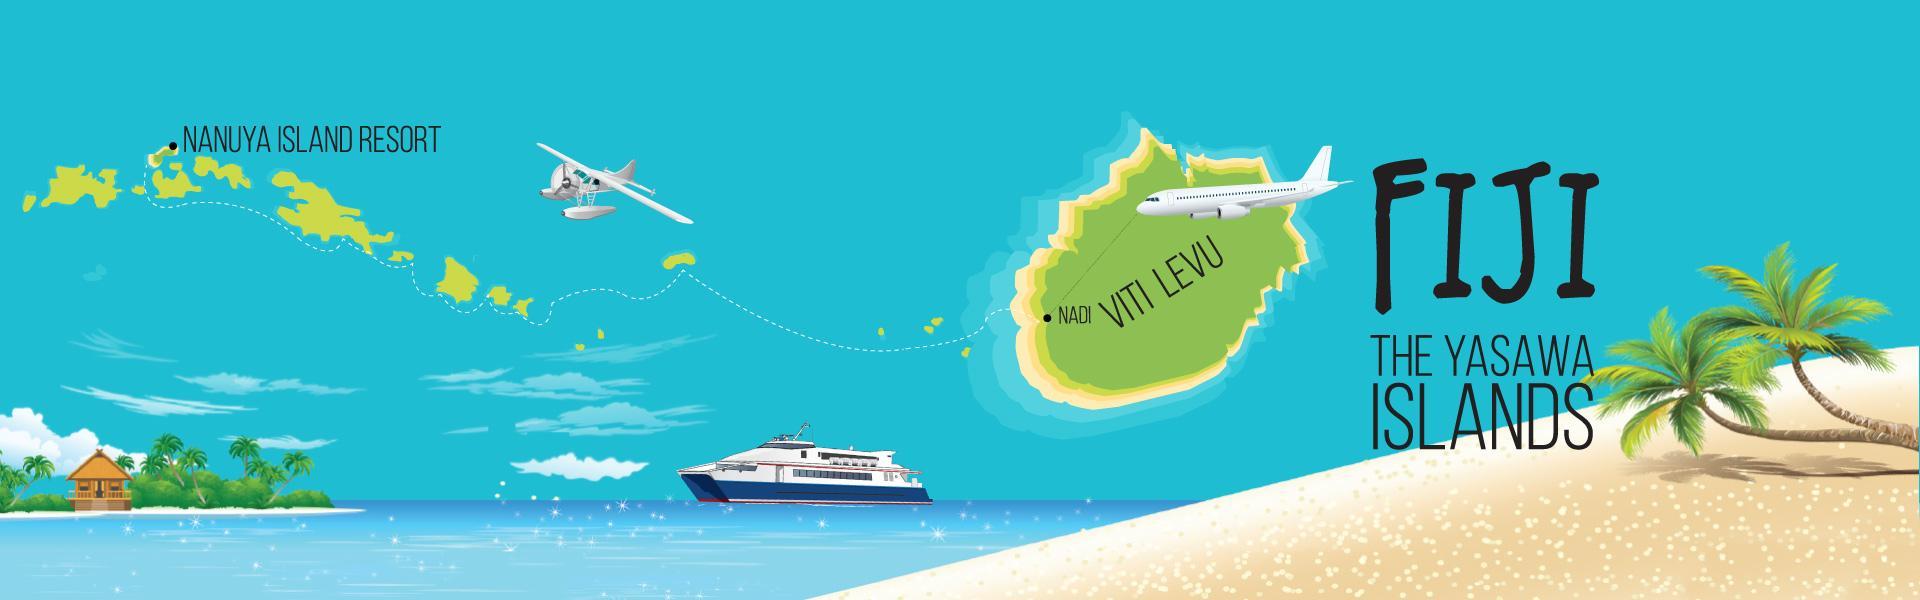 Nanuya Island Resort Location - Yasawa Islands